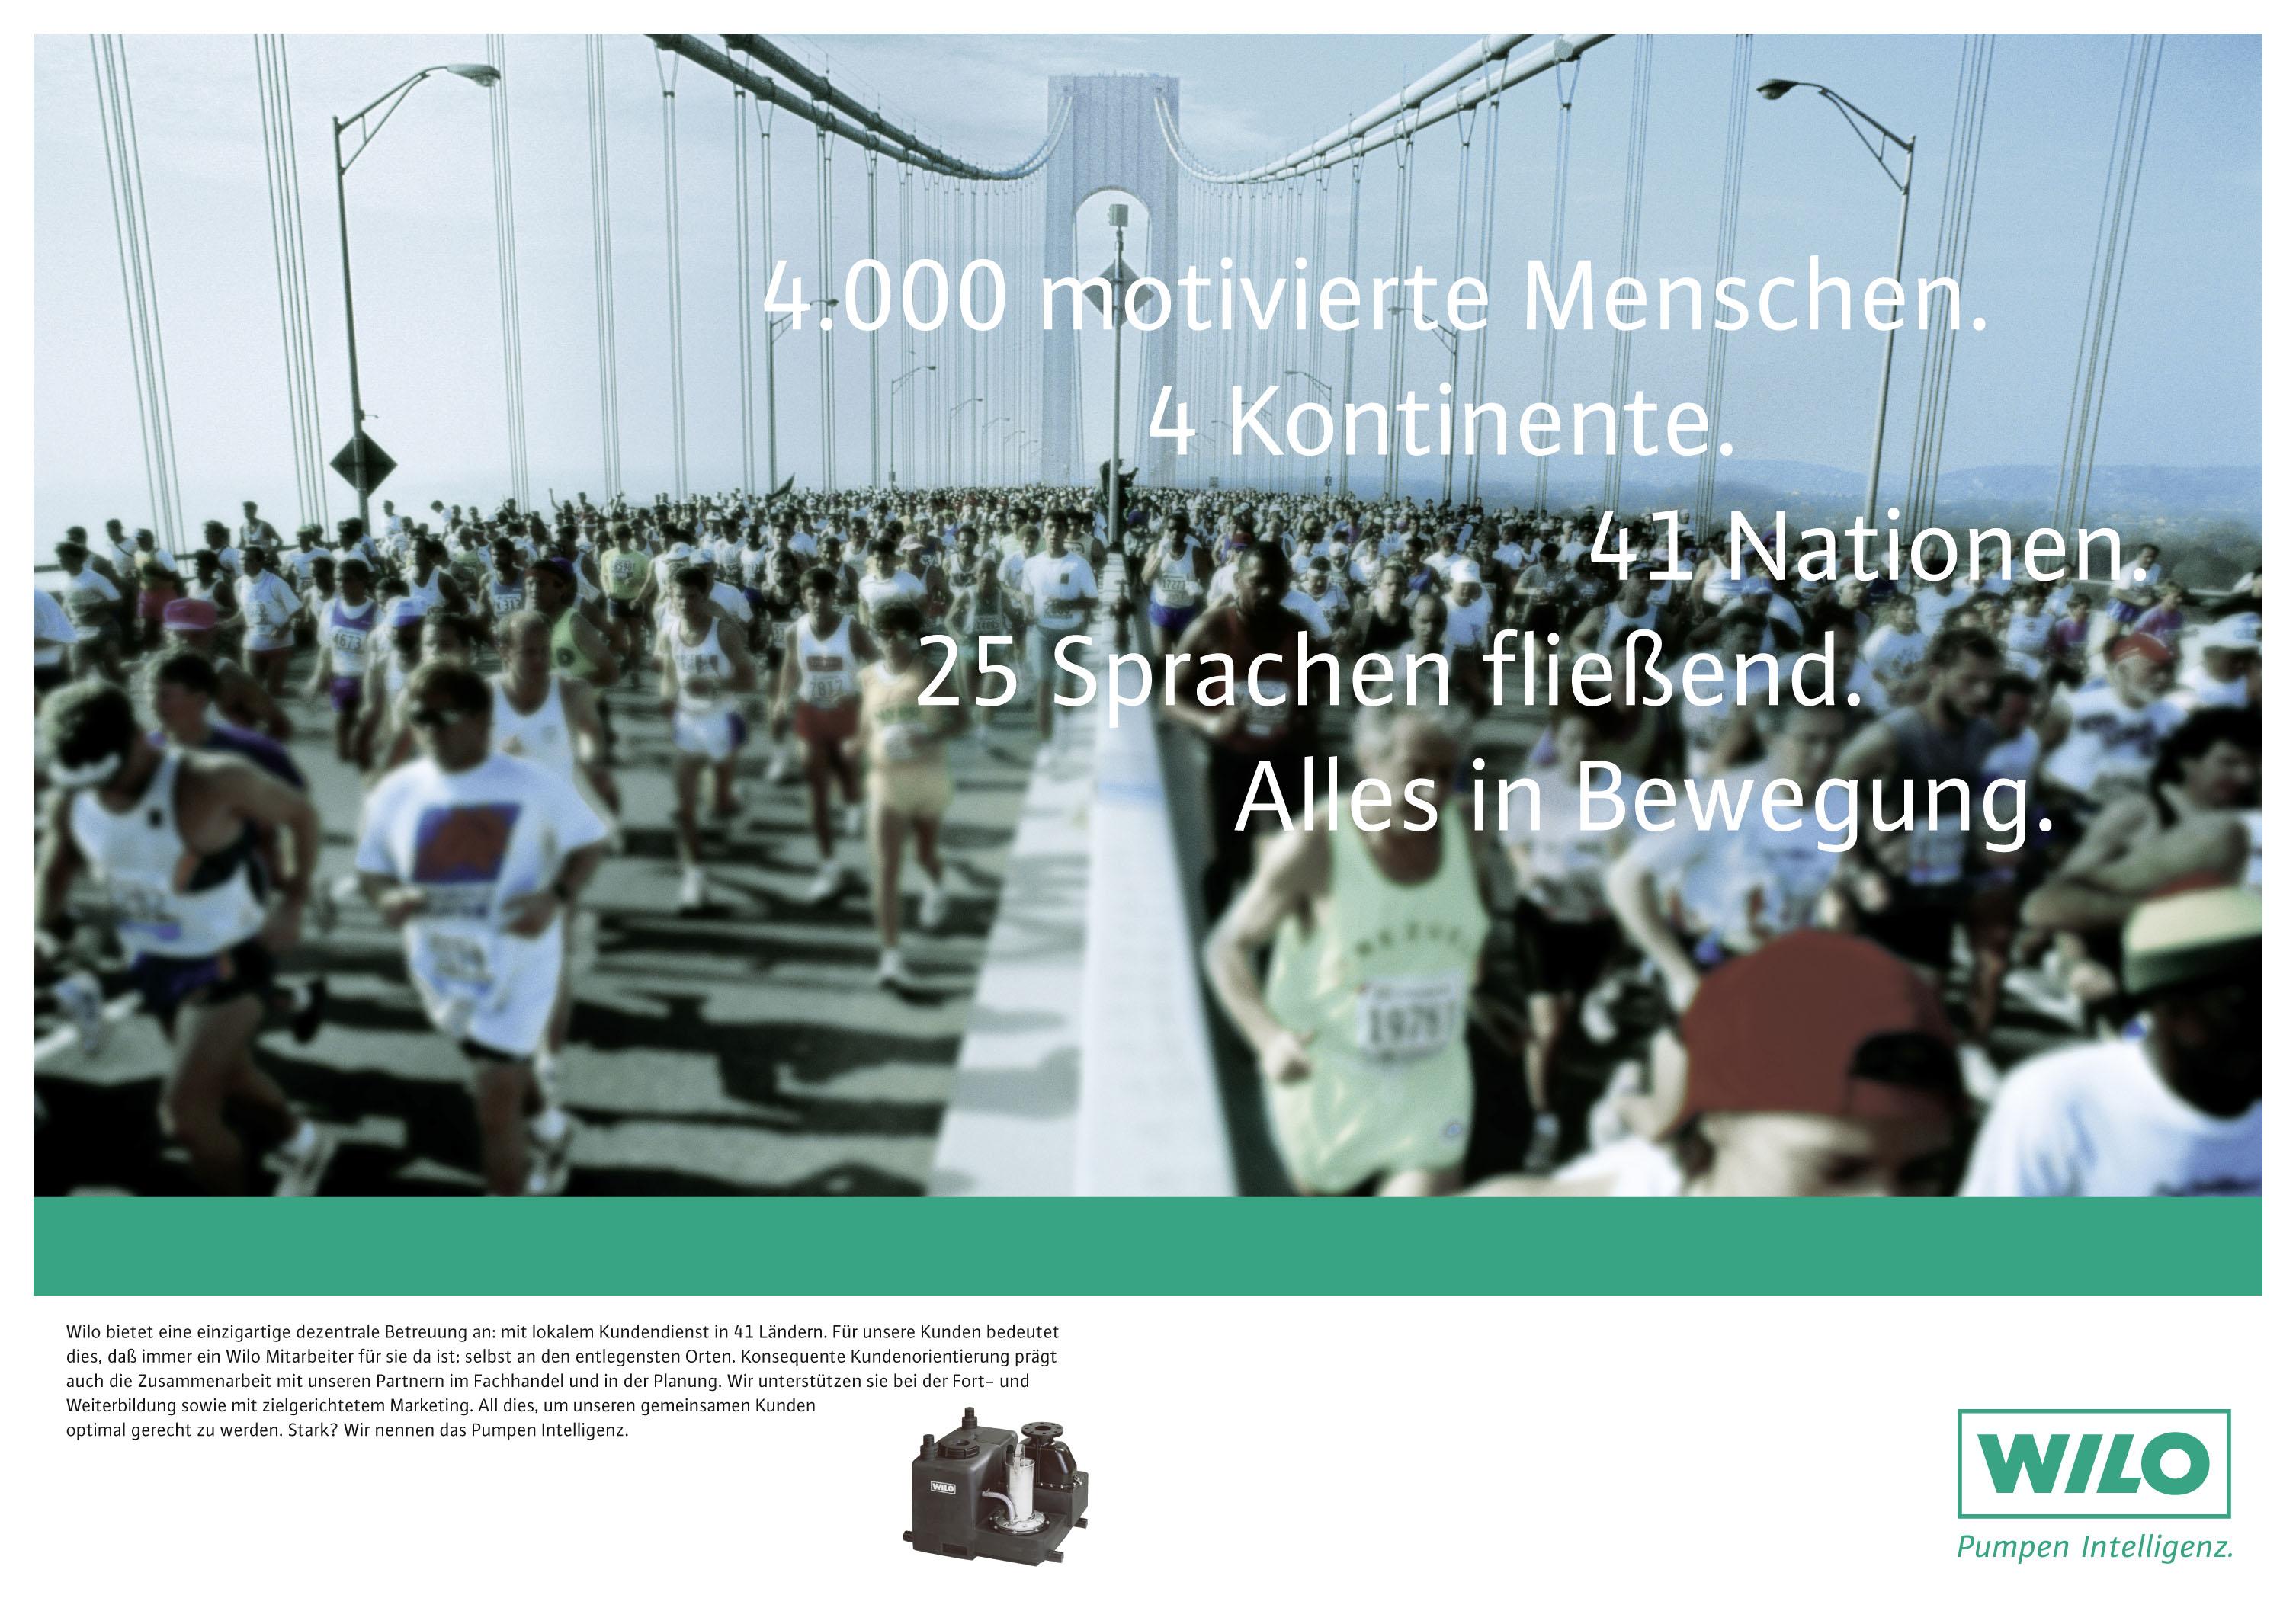 Wilo Imageanzeige: New York Marathon